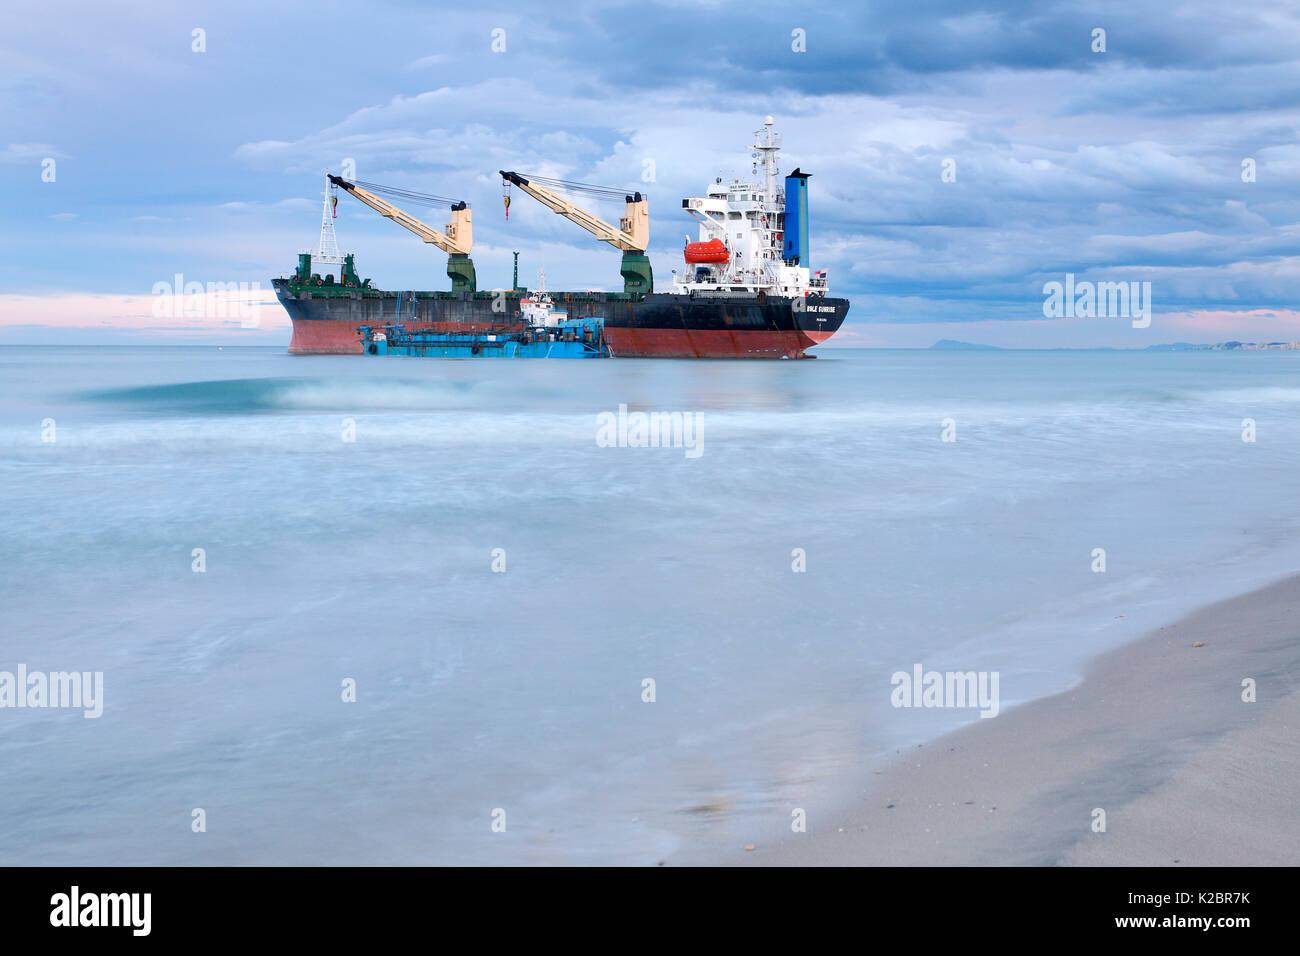 Container schiff am Strand El Saler, Valencia, Spanien gestrandet. Alle nicht-redaktionelle Verwendungen muß einzeln beendet werden. Stockbild